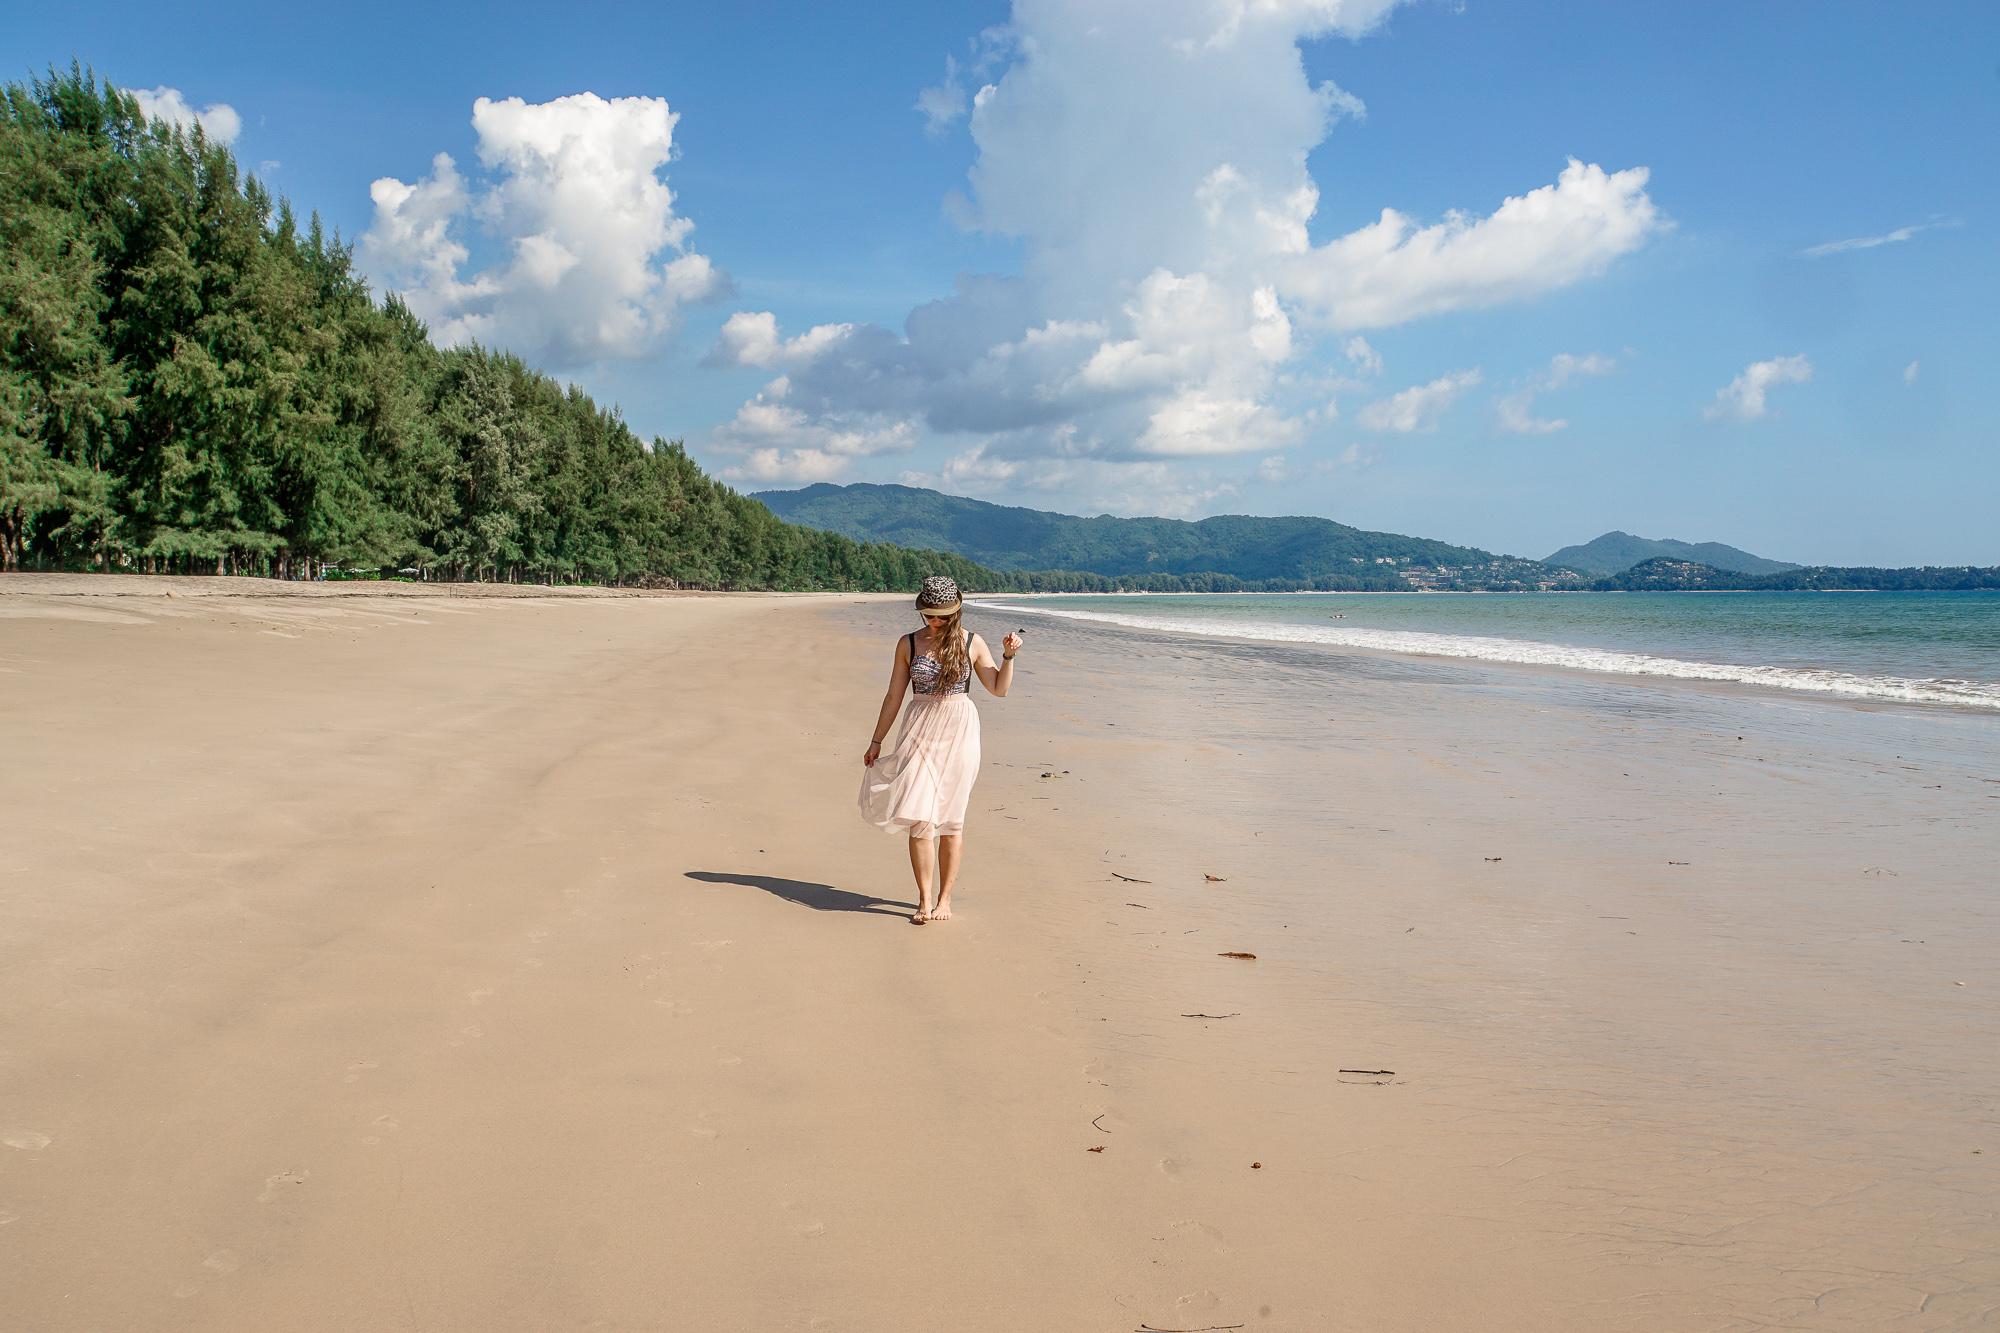 Thanyapura Phuket Erfahrungen: Ich habe eine Woche im Thanyapura Health & Sports Resort in Thailand verbracht. Auf dem Programm standen Yoga, Muay Thai, Schwimmtraining und vieles mehr. Hier kommt mein Erfahrungsbericht rund um die Themen Gastronomie, Wellness und Sport.